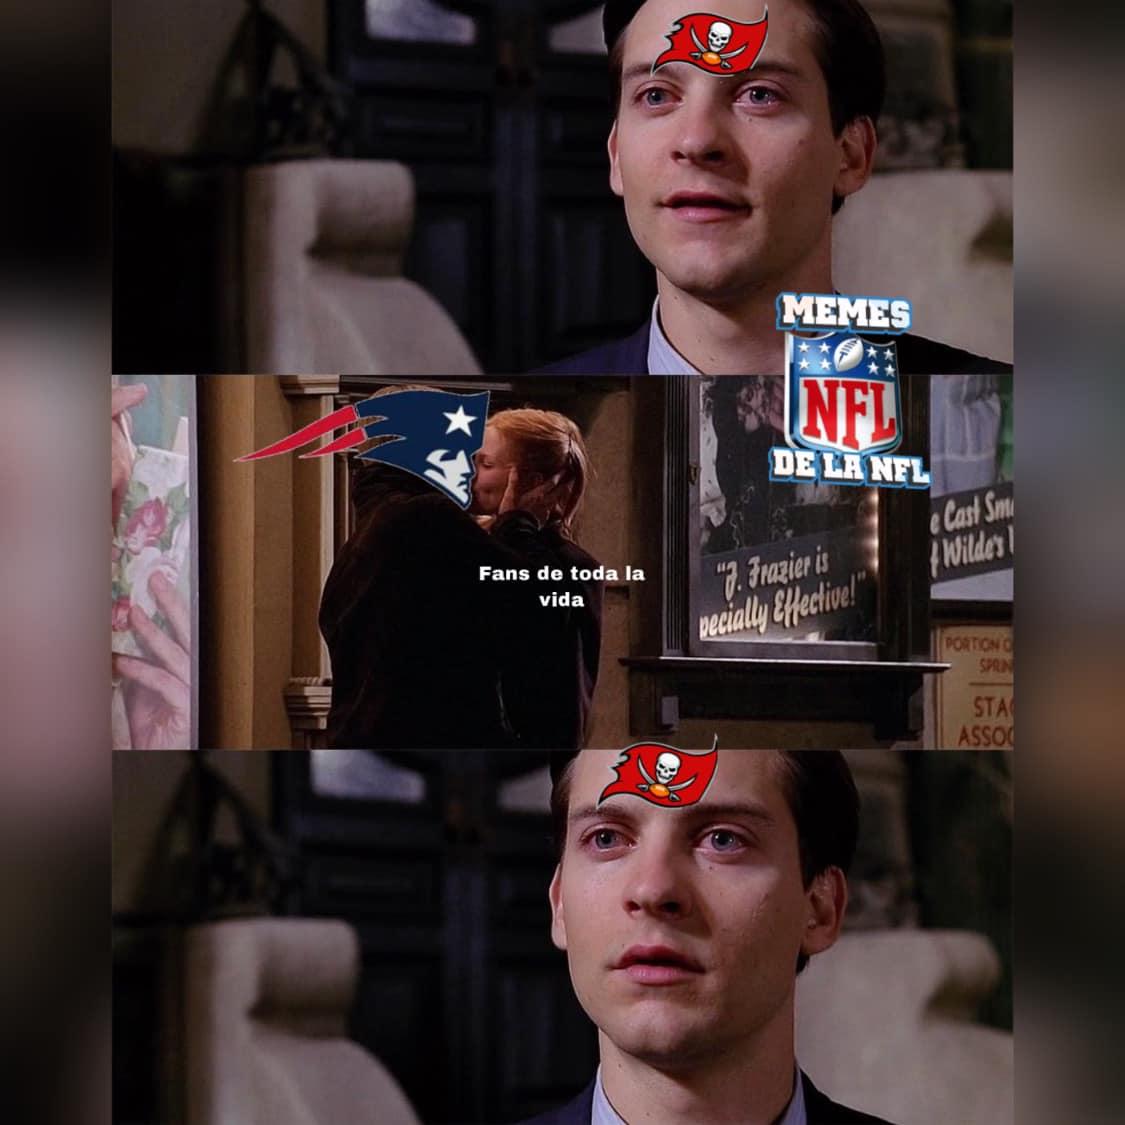 Memes de la NFL, Semana 13